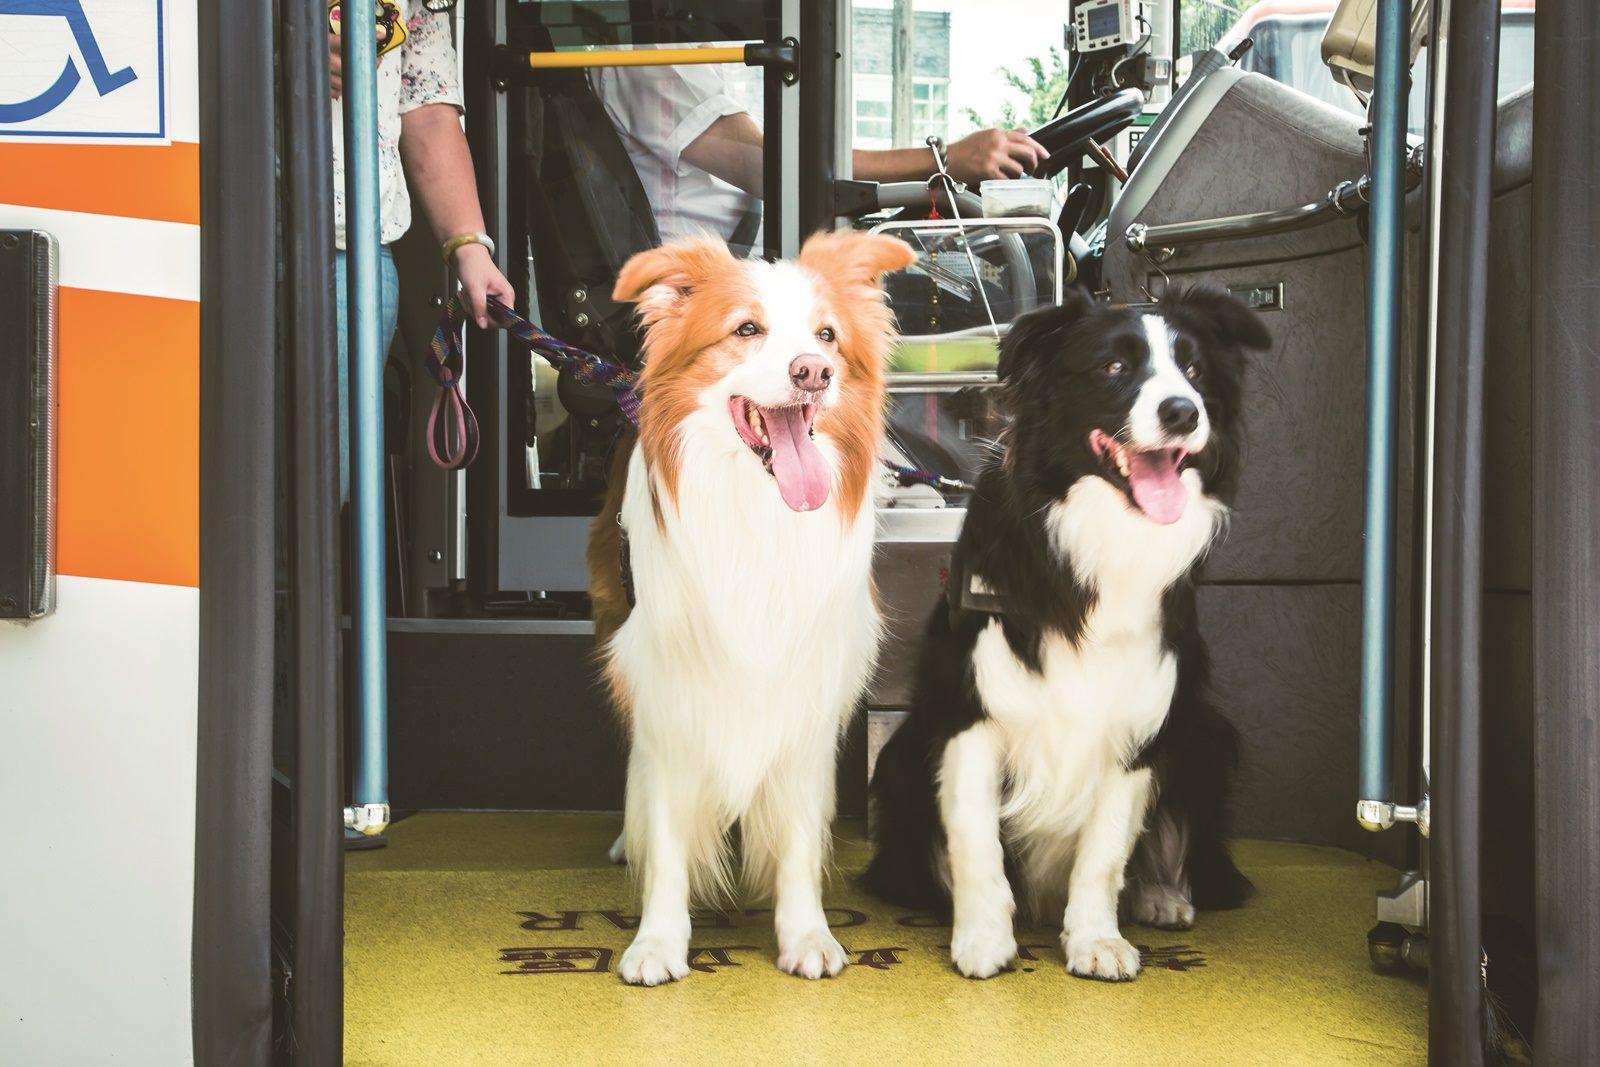 飼主帶著狗狗搭乘友善狗狗公車。